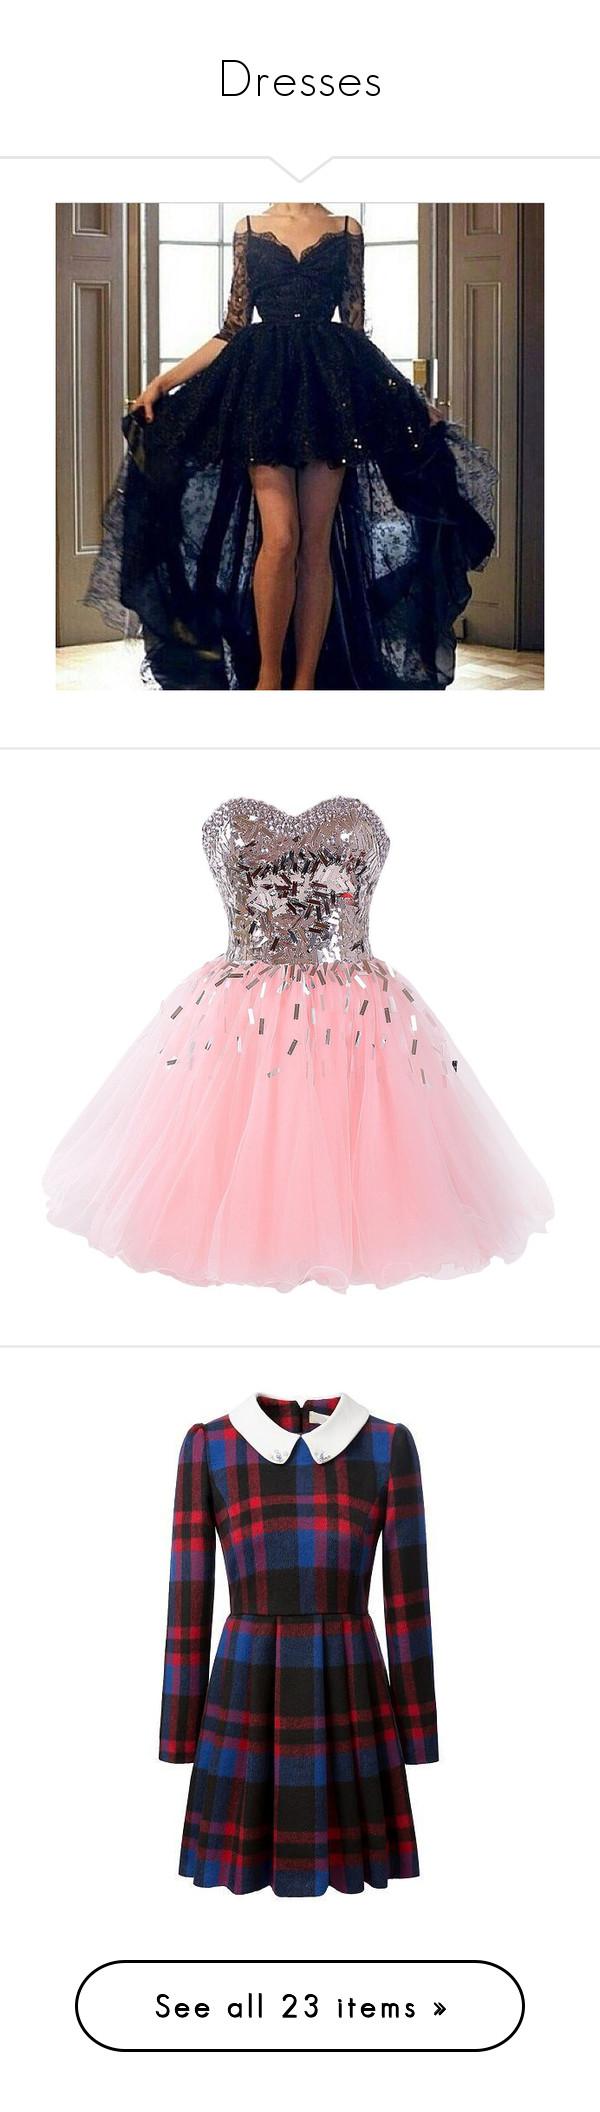 Dresses\